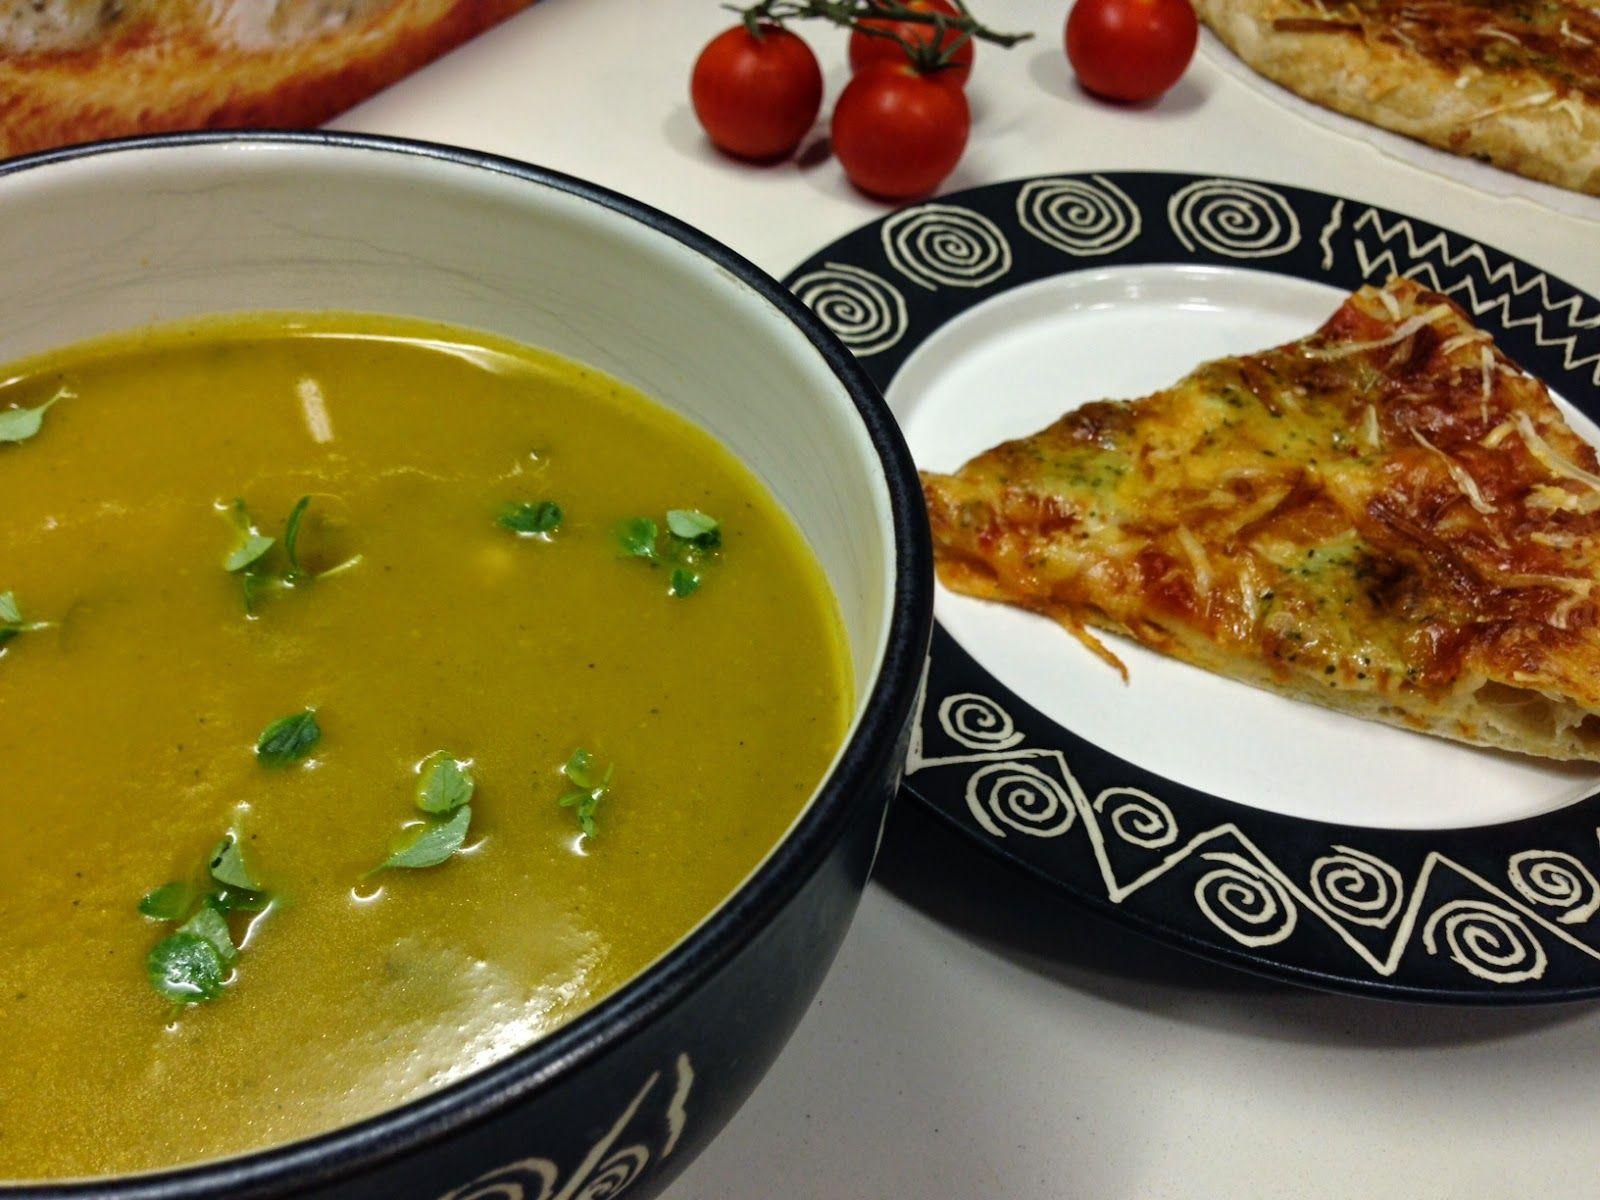 Salpicos Doces: Sopa de Beldroegas com Pizza Dr. Oetker 4 Queijos